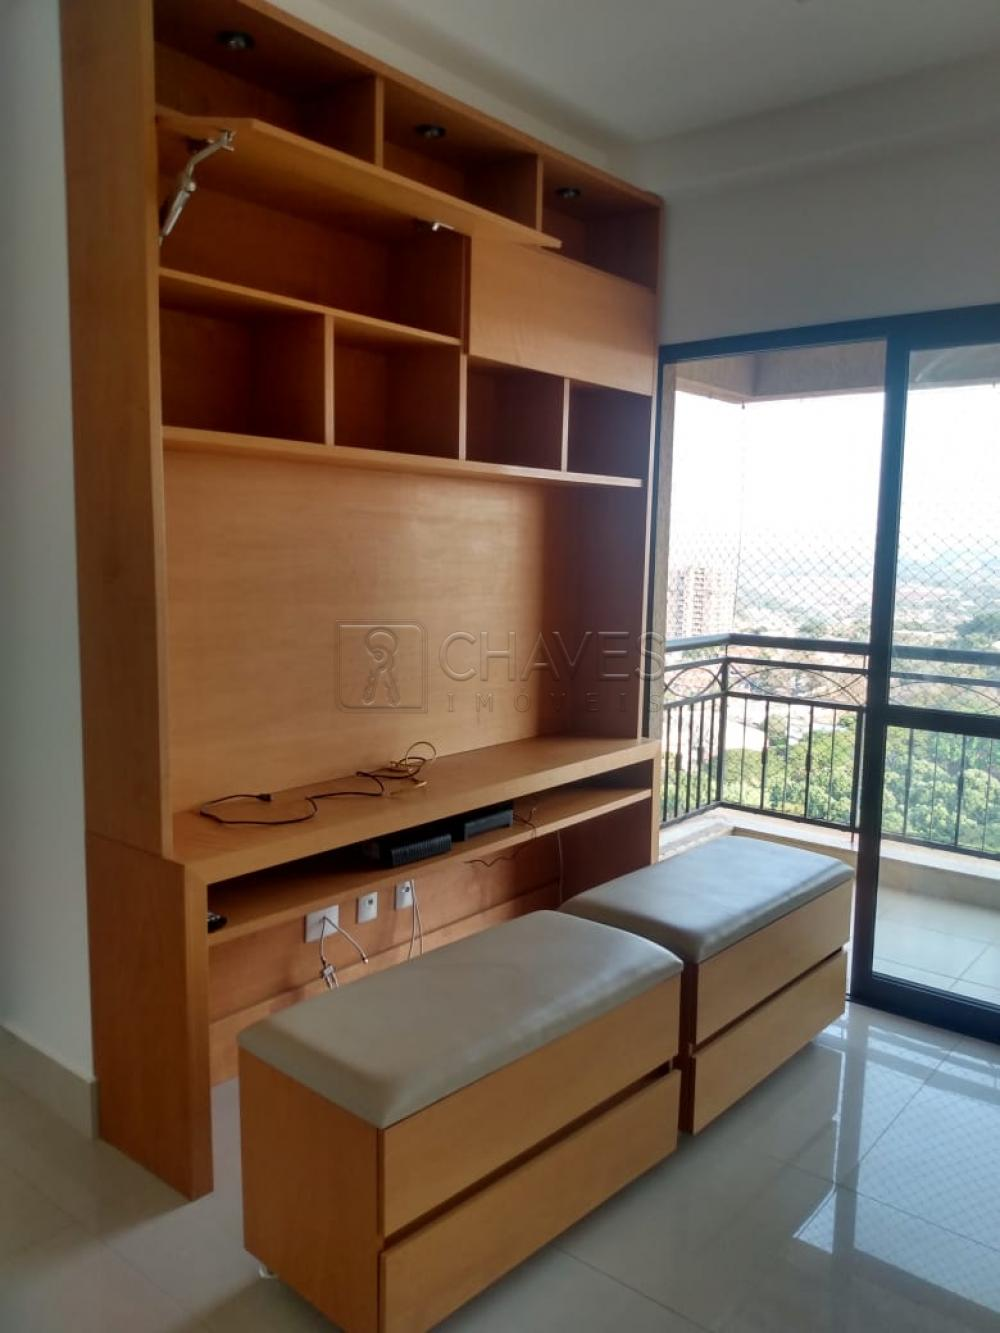 Alugar Apartamento / Padrão em Ribeirão Preto R$ 1.800,00 - Foto 3